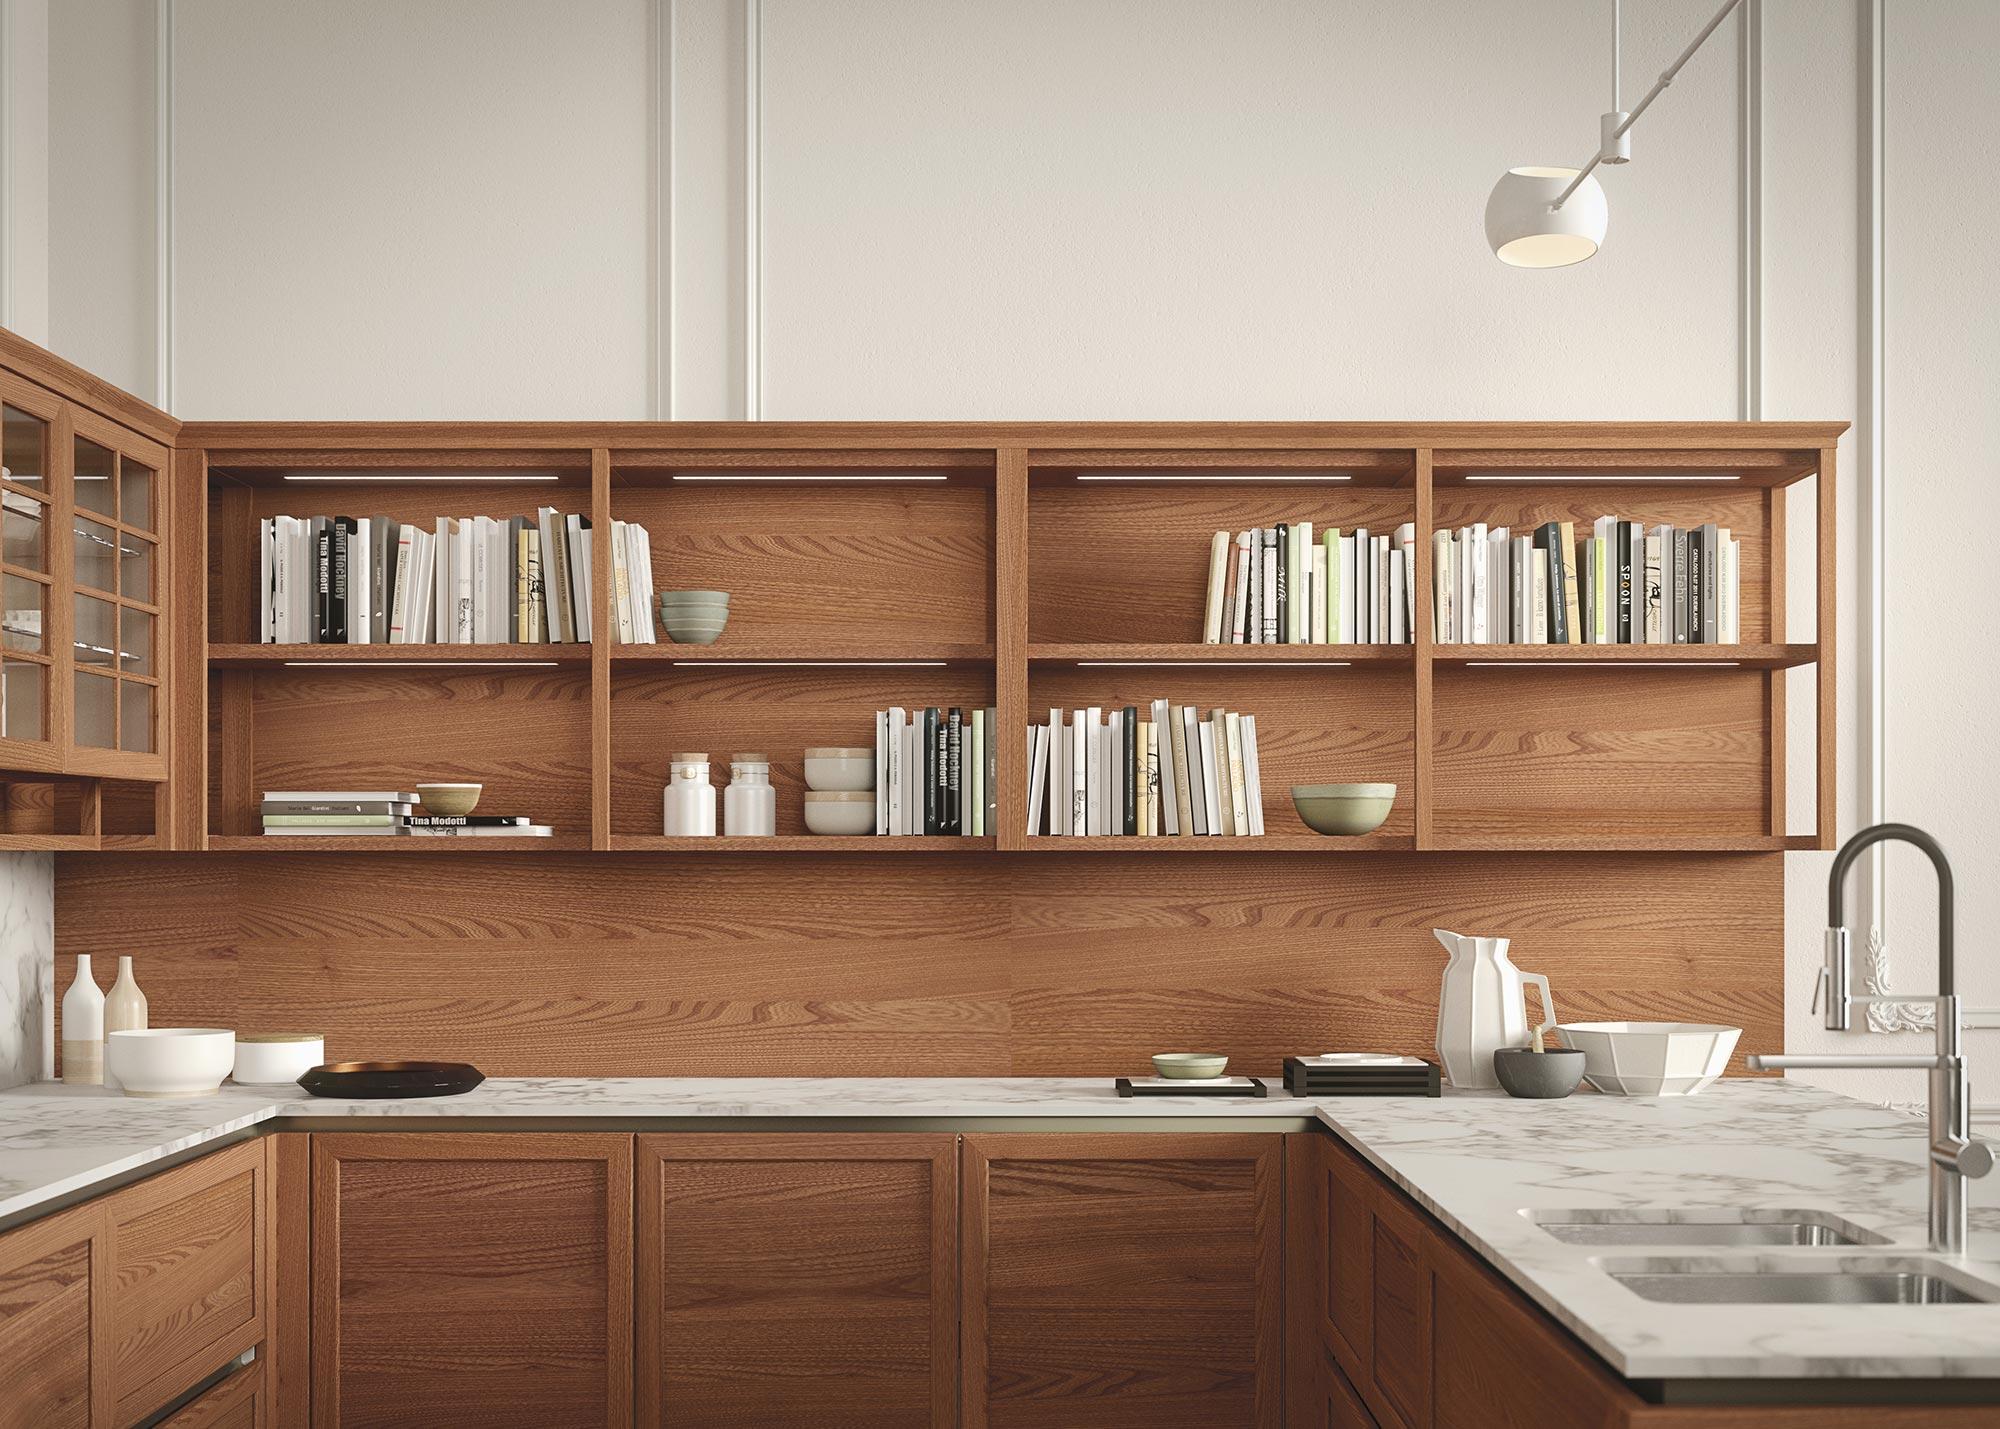 cucina-dettaglio-Heritage-olmo-fokos-6